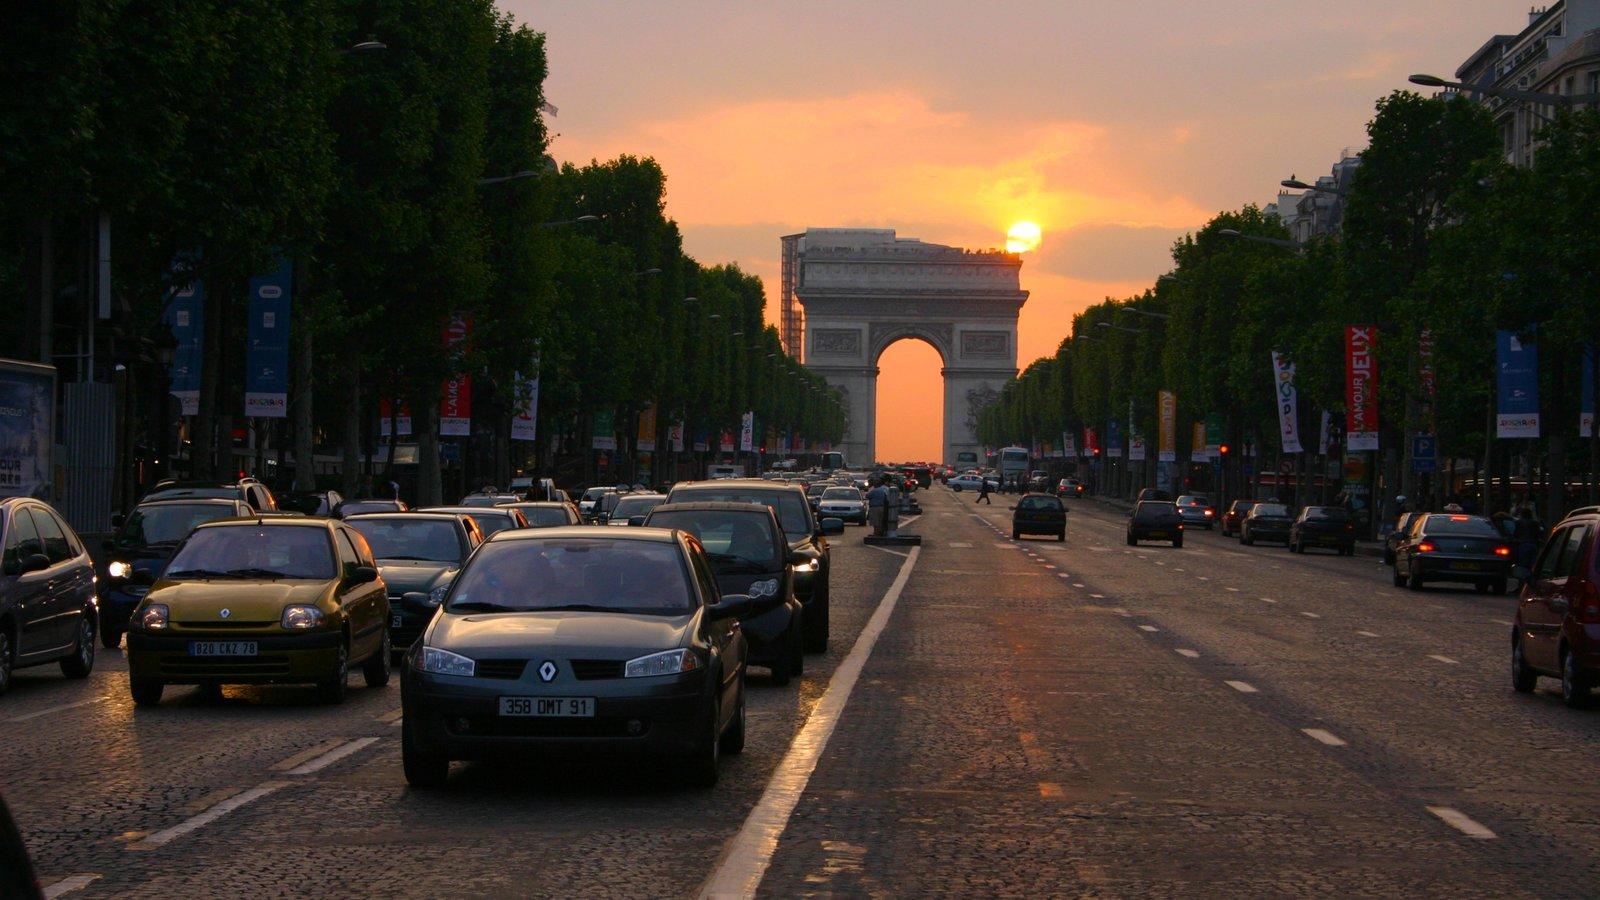 Arco do Triunfo mostrando um pôr do sol, cenas de rua e um monumento